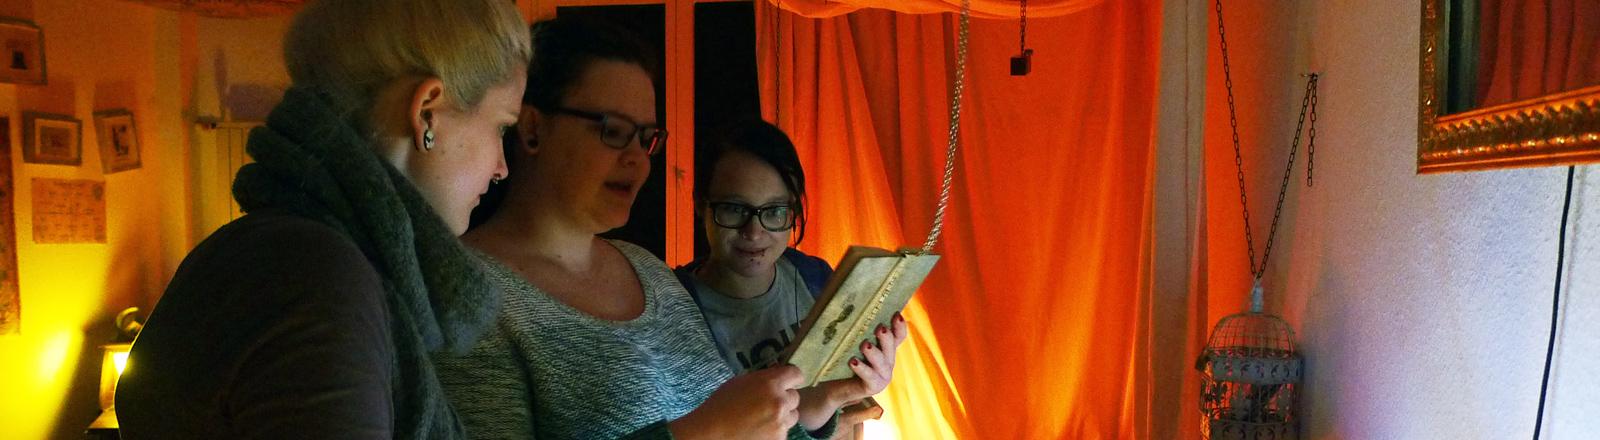 Bex Jacob testet mit zwei Freundinnen Live-Rollenspiele.